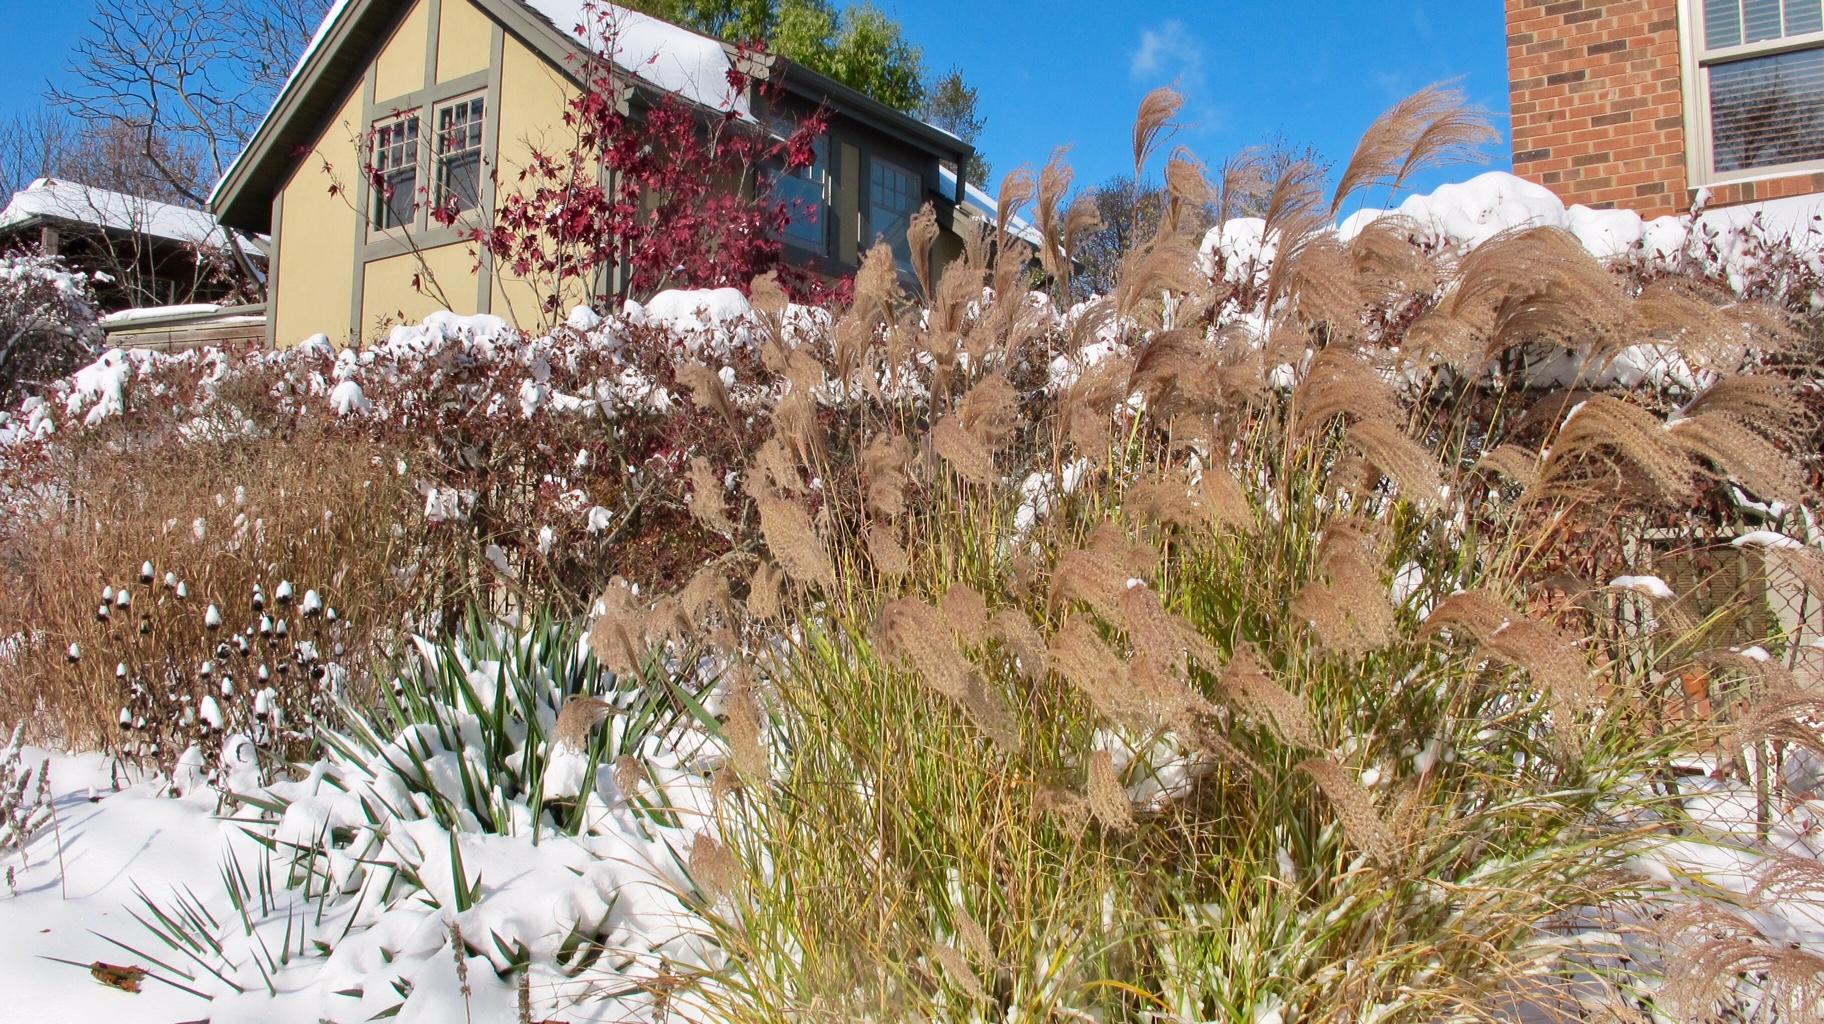 ornamental grasses in the snow